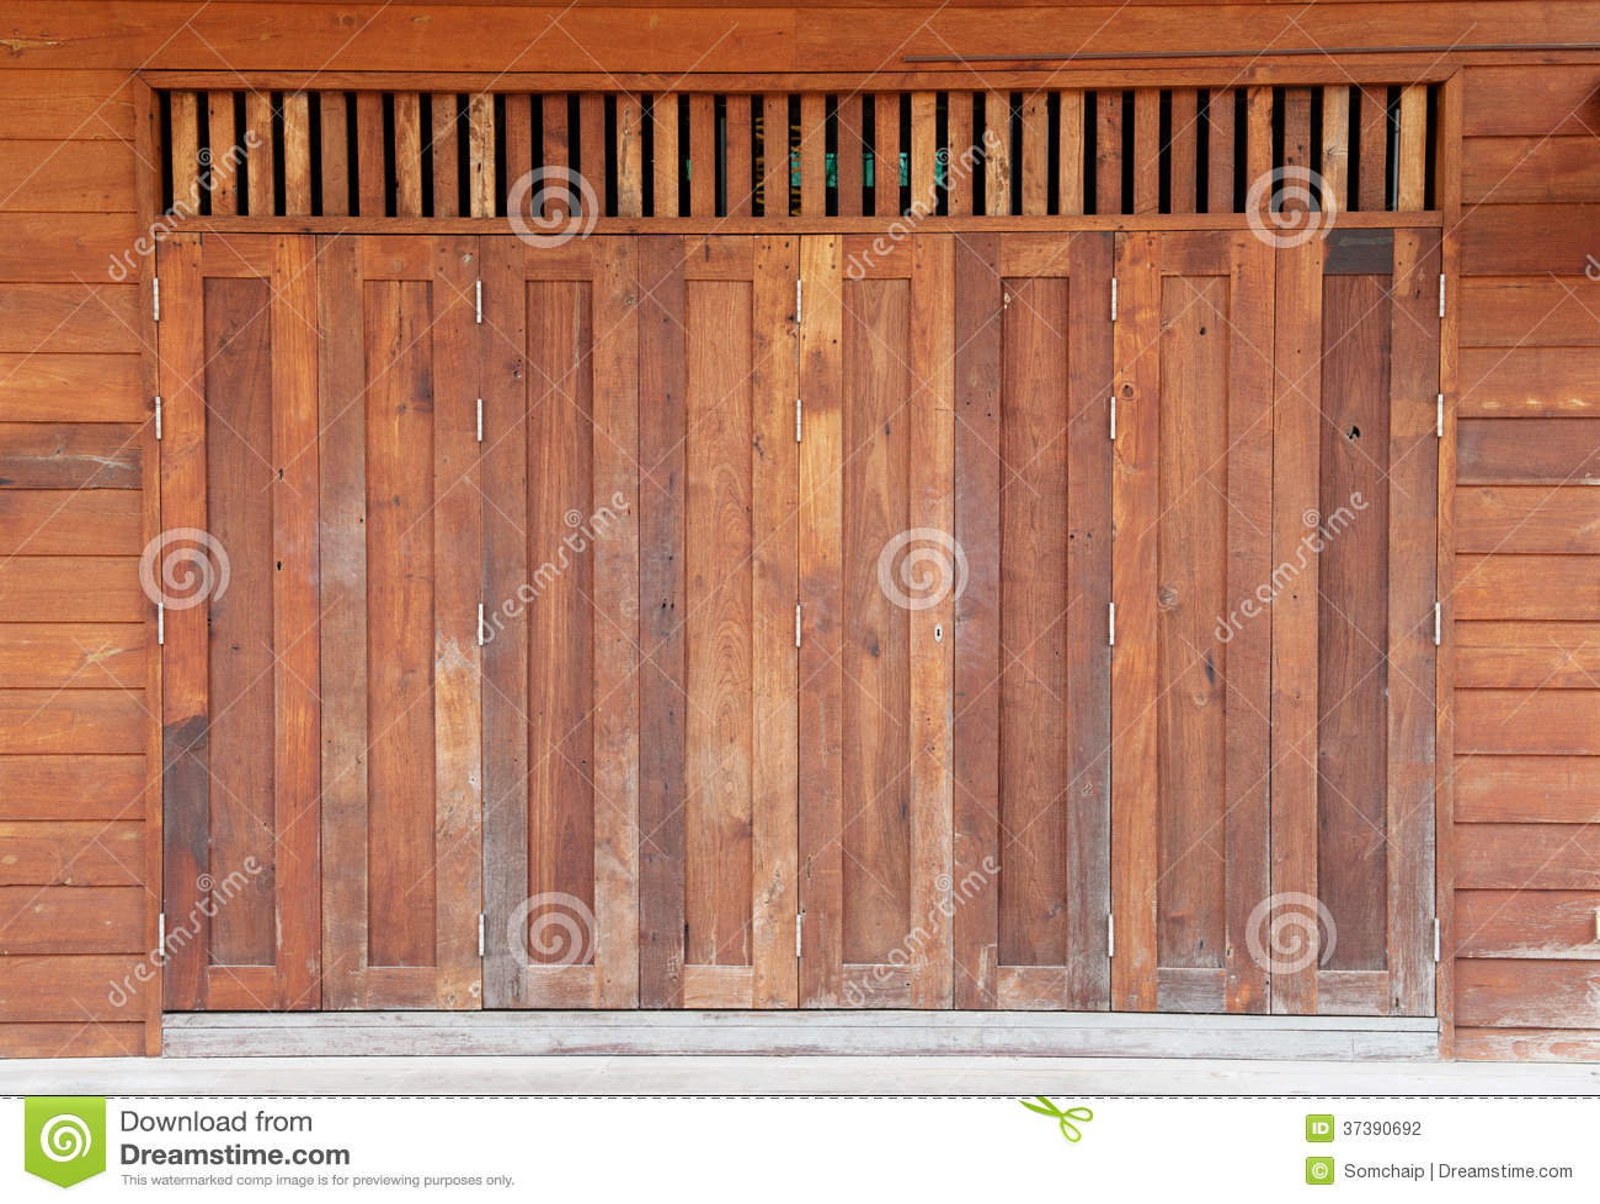 Old Wooden Barn Door Stock Photo Image Of Latch Doorway